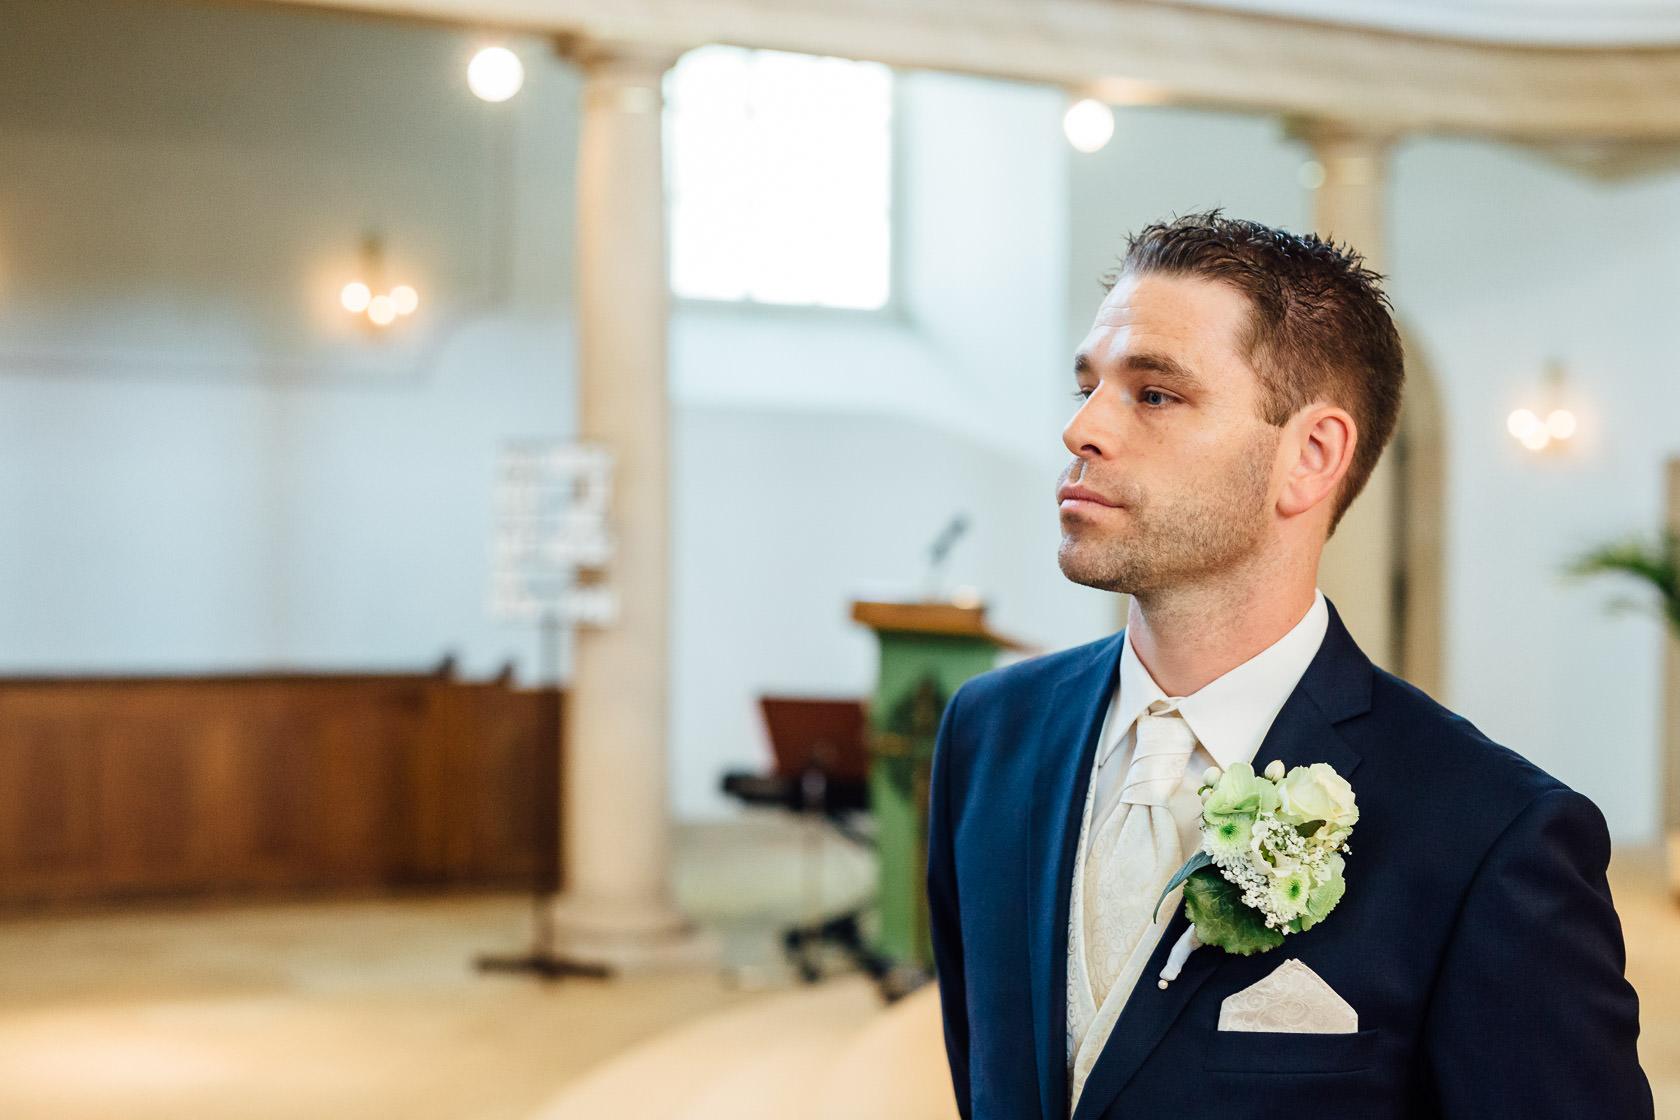 Hochzeit Carmen und Dirk in Bad Kreuznach Trauung in der Pauluskirche Warten auf die Braut